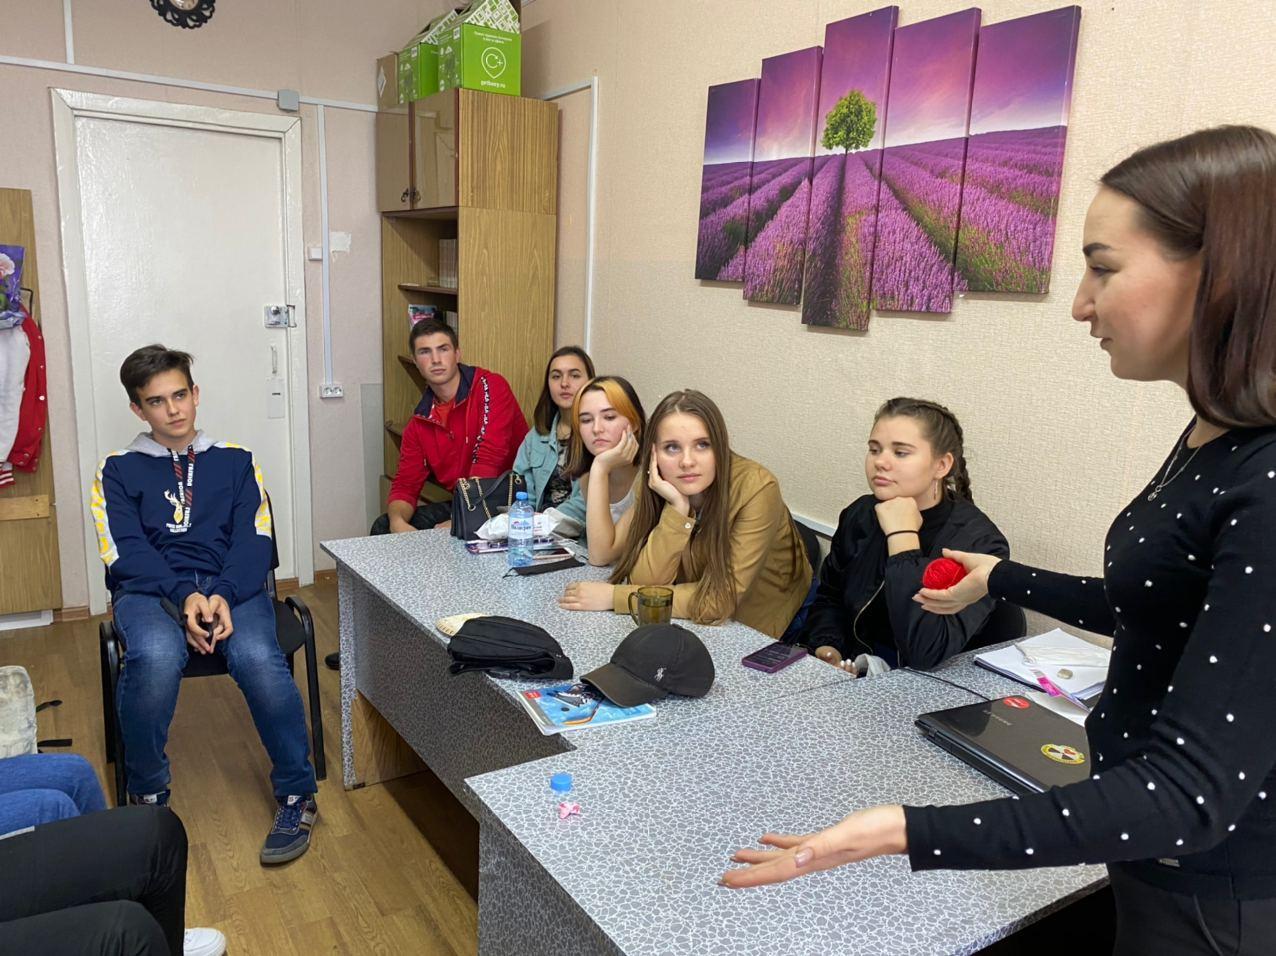 Обучение добровольцев проекта «Активные поколения – время новых возможностей» началось